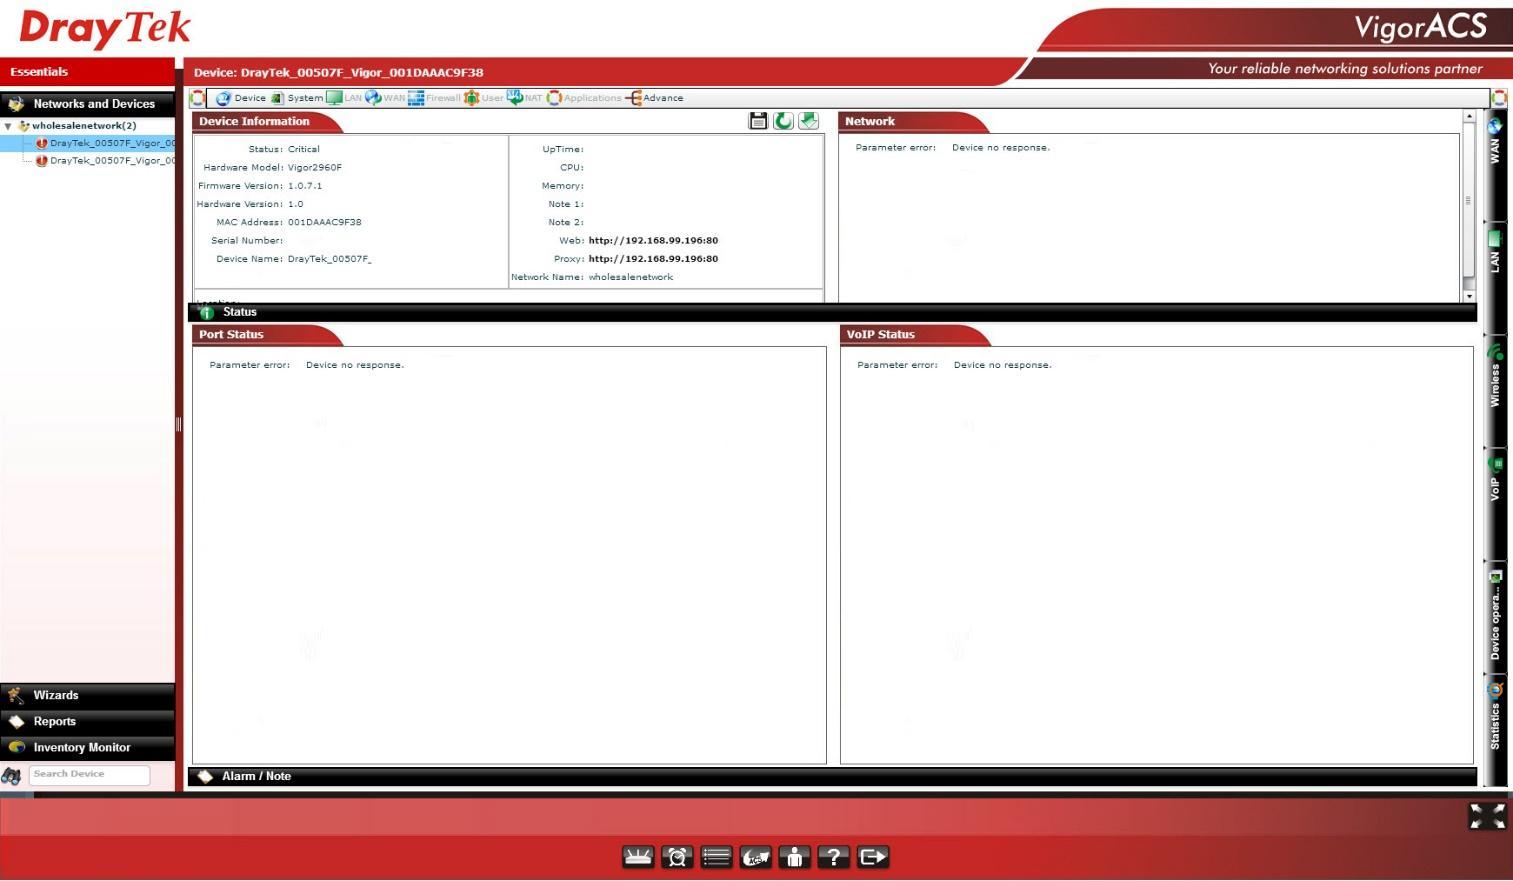 Обзор маршрутизатора Draytek серии 2925. Часть первая: общий обзор, характеристики и тесты - 21